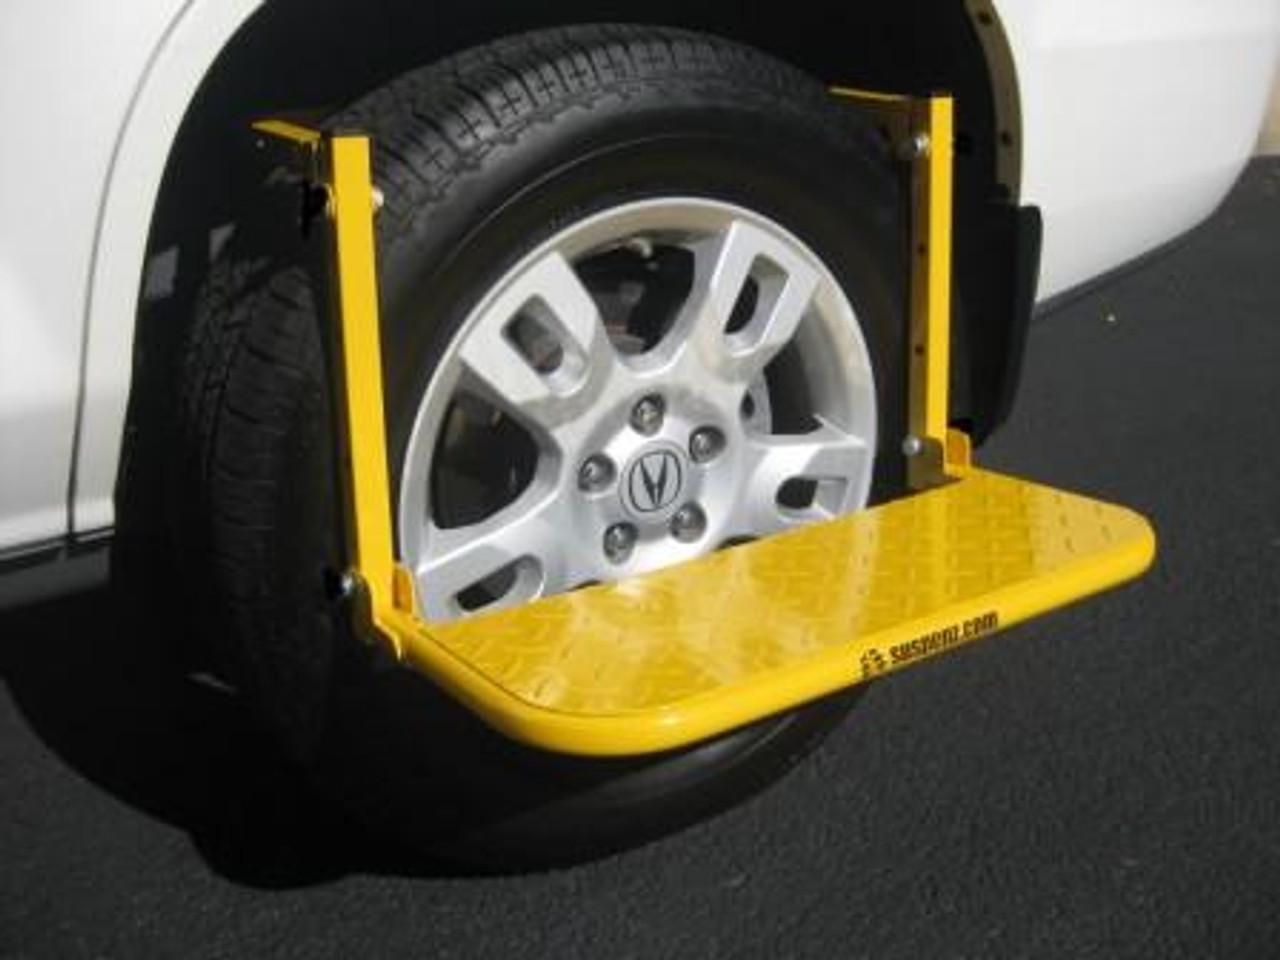 suspenz ez wheel step up